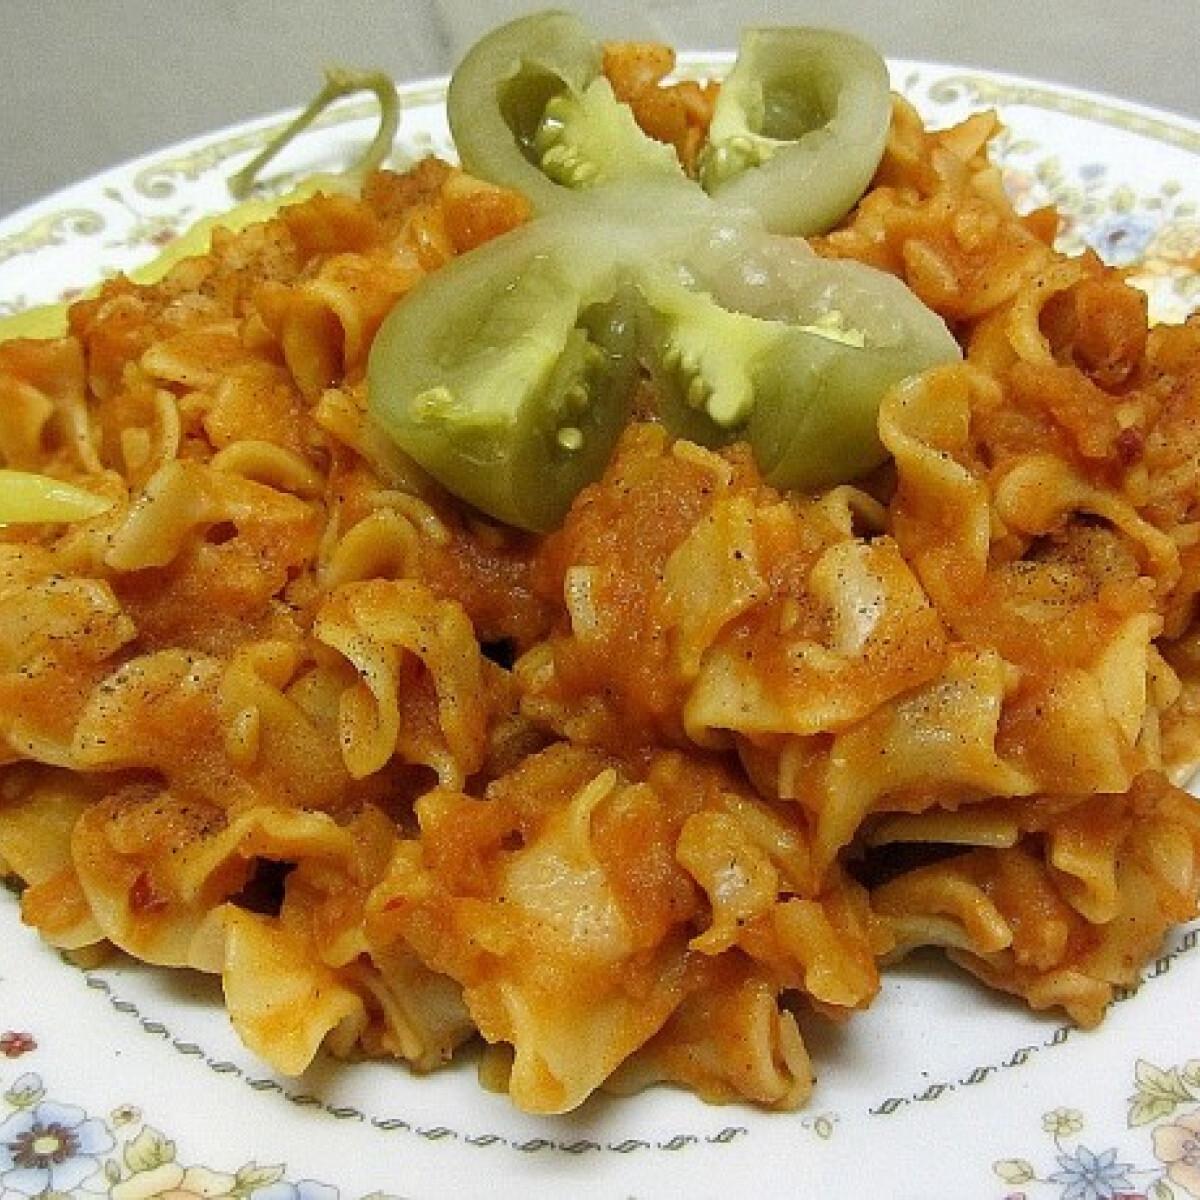 Krumplis tészta 1StOne konyhájából